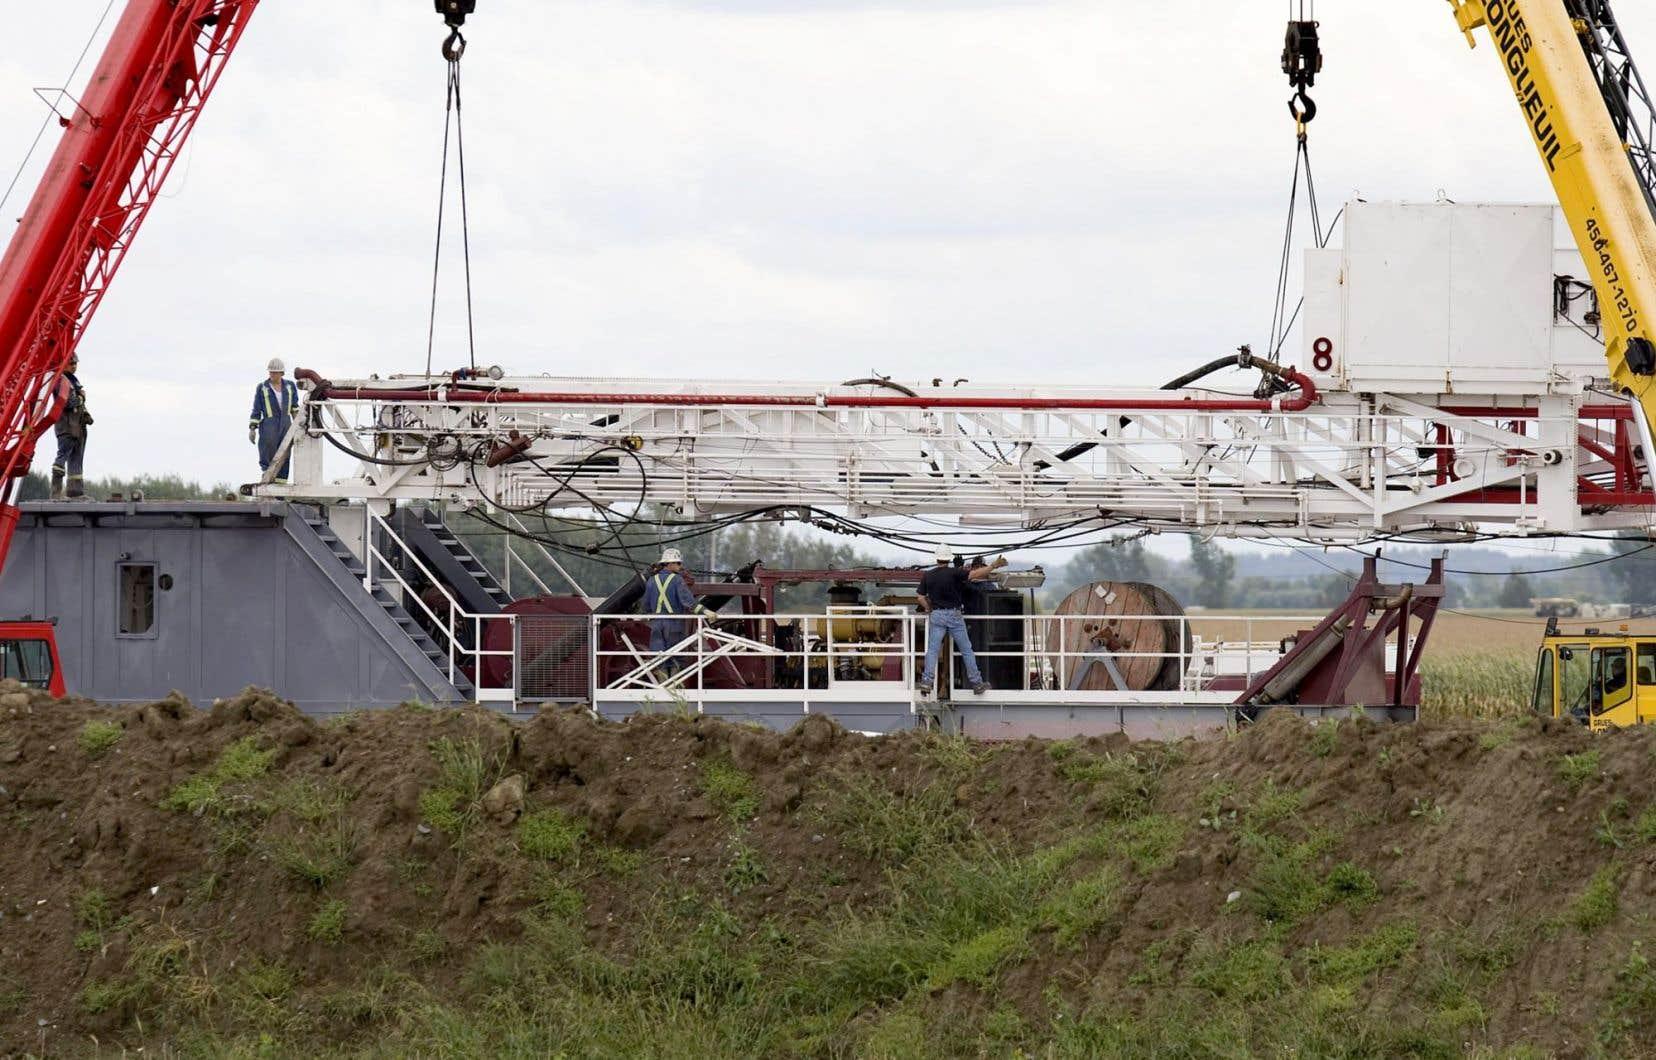 Dans son rapport déposé en début de semaine, le BAPE conclut que l'exploration en vue de trouver du gaz de schiste dans les basses terres du Saint-Laurent ne comportent pas assez d'avantages pour le Québec.